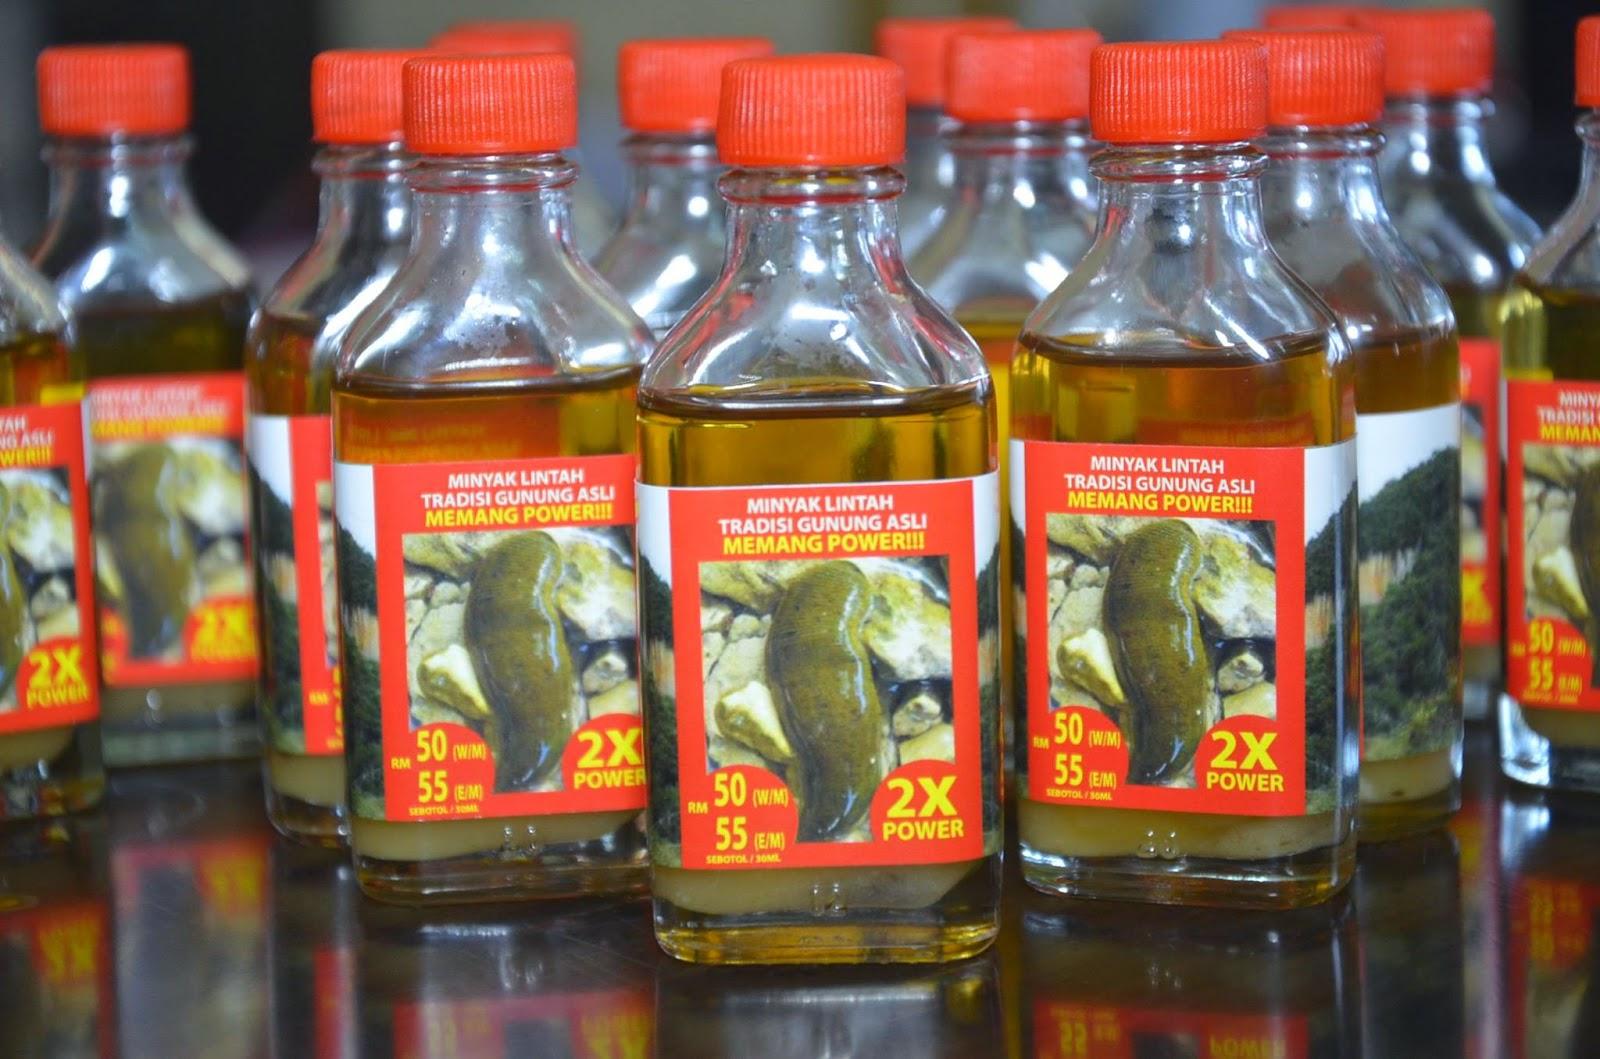 pembekal utama pati minyak lintah gunung asli mltga oil